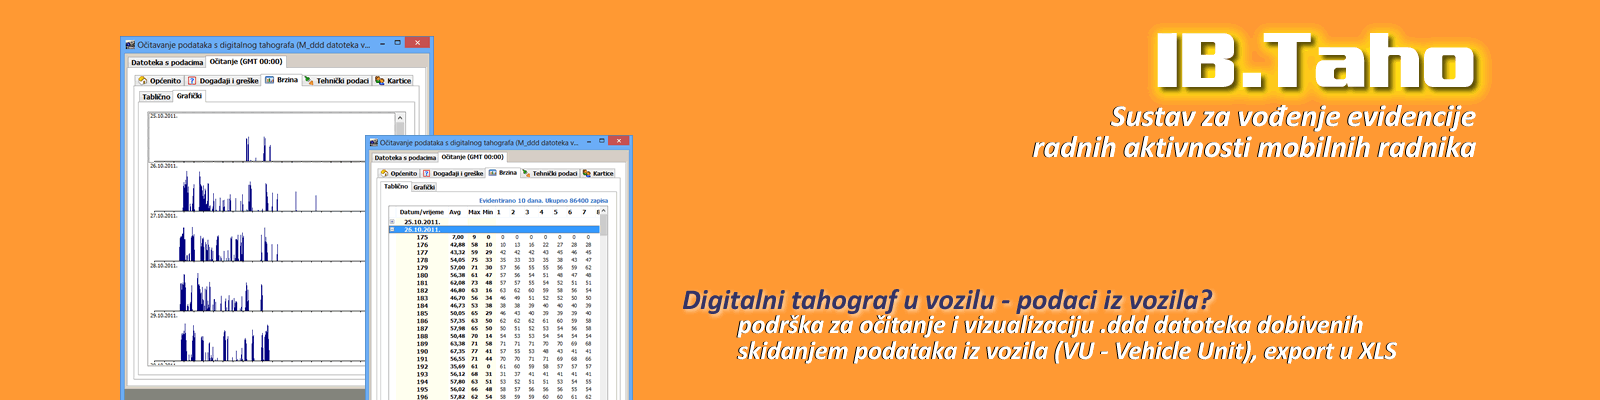 Digitalni tahografi – očitanje uređaja